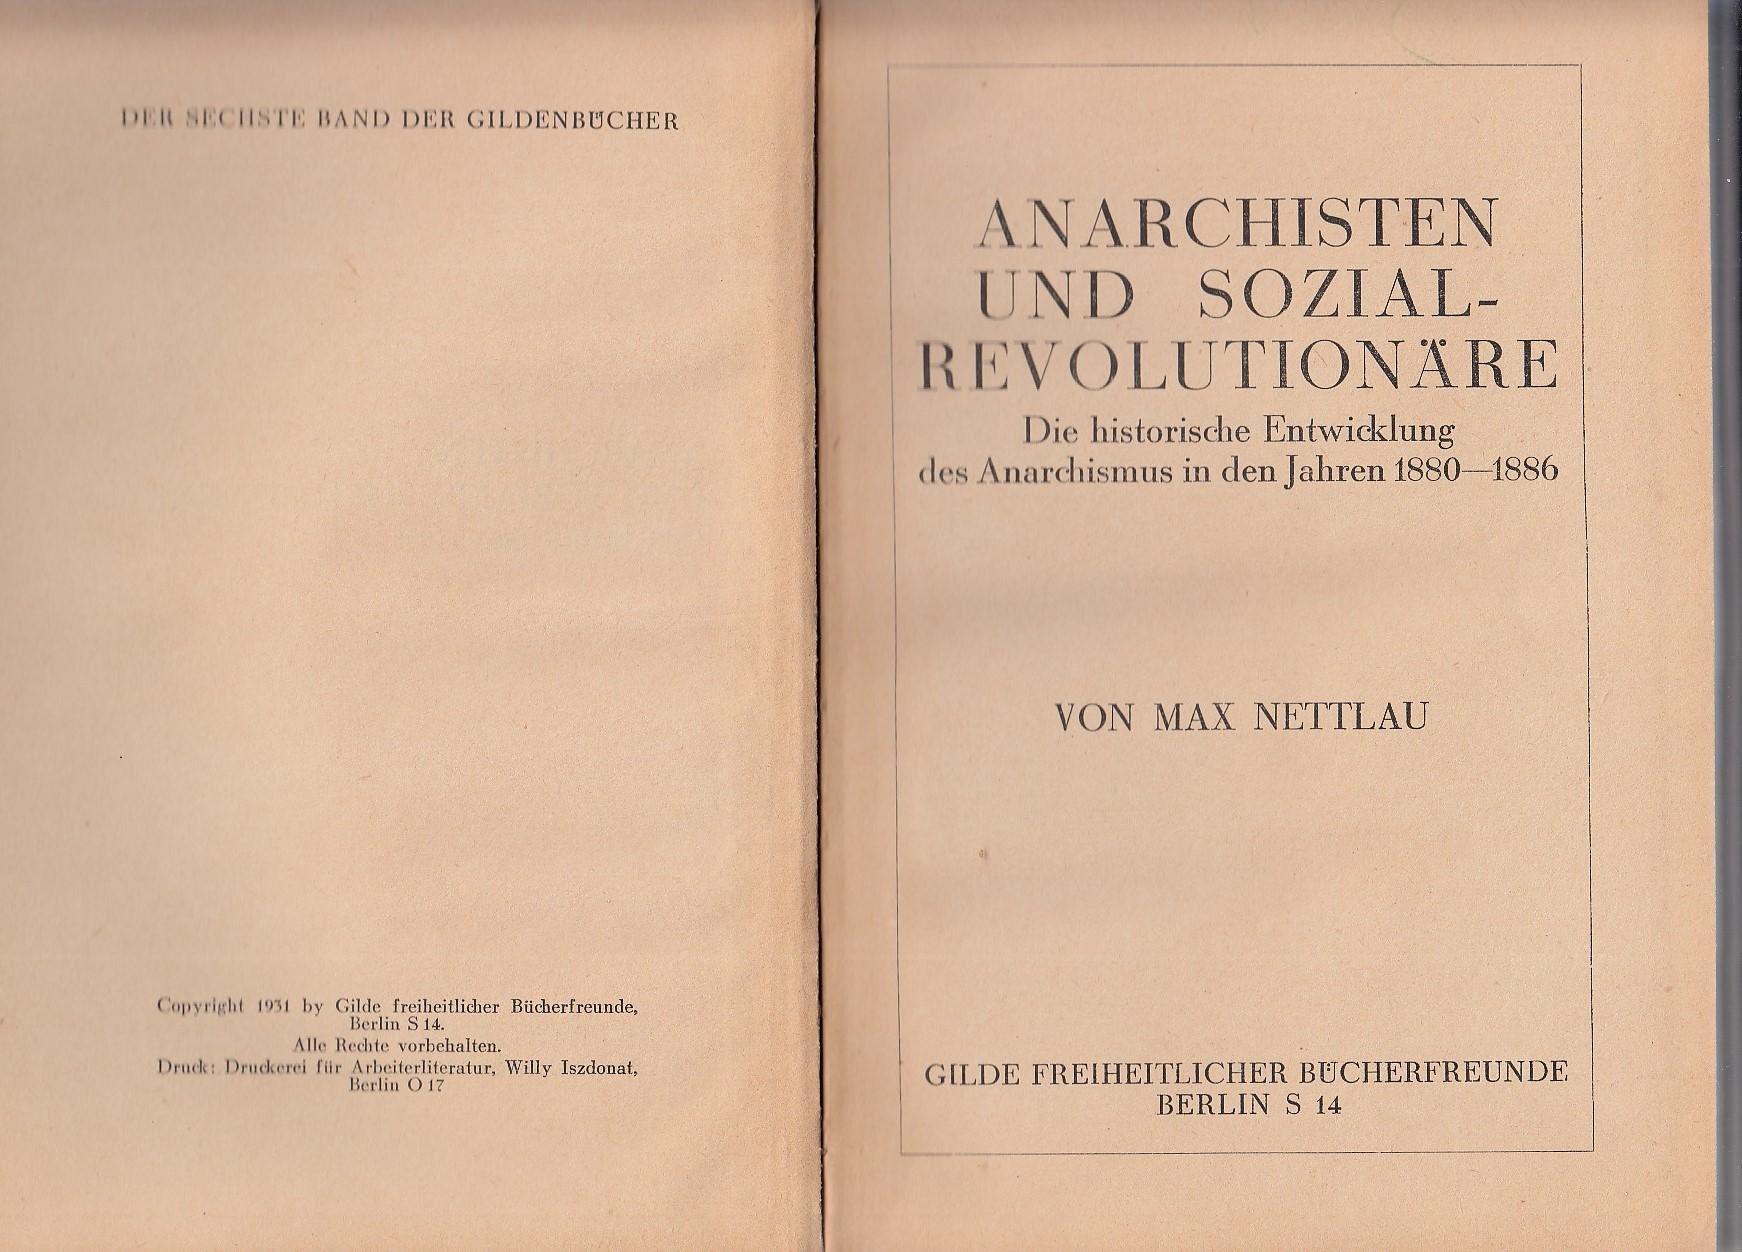 Anarchisten und Sozialrevolutionäre. Die historische Entwicklung des Anarchismus in den Jahren 1880-1886.